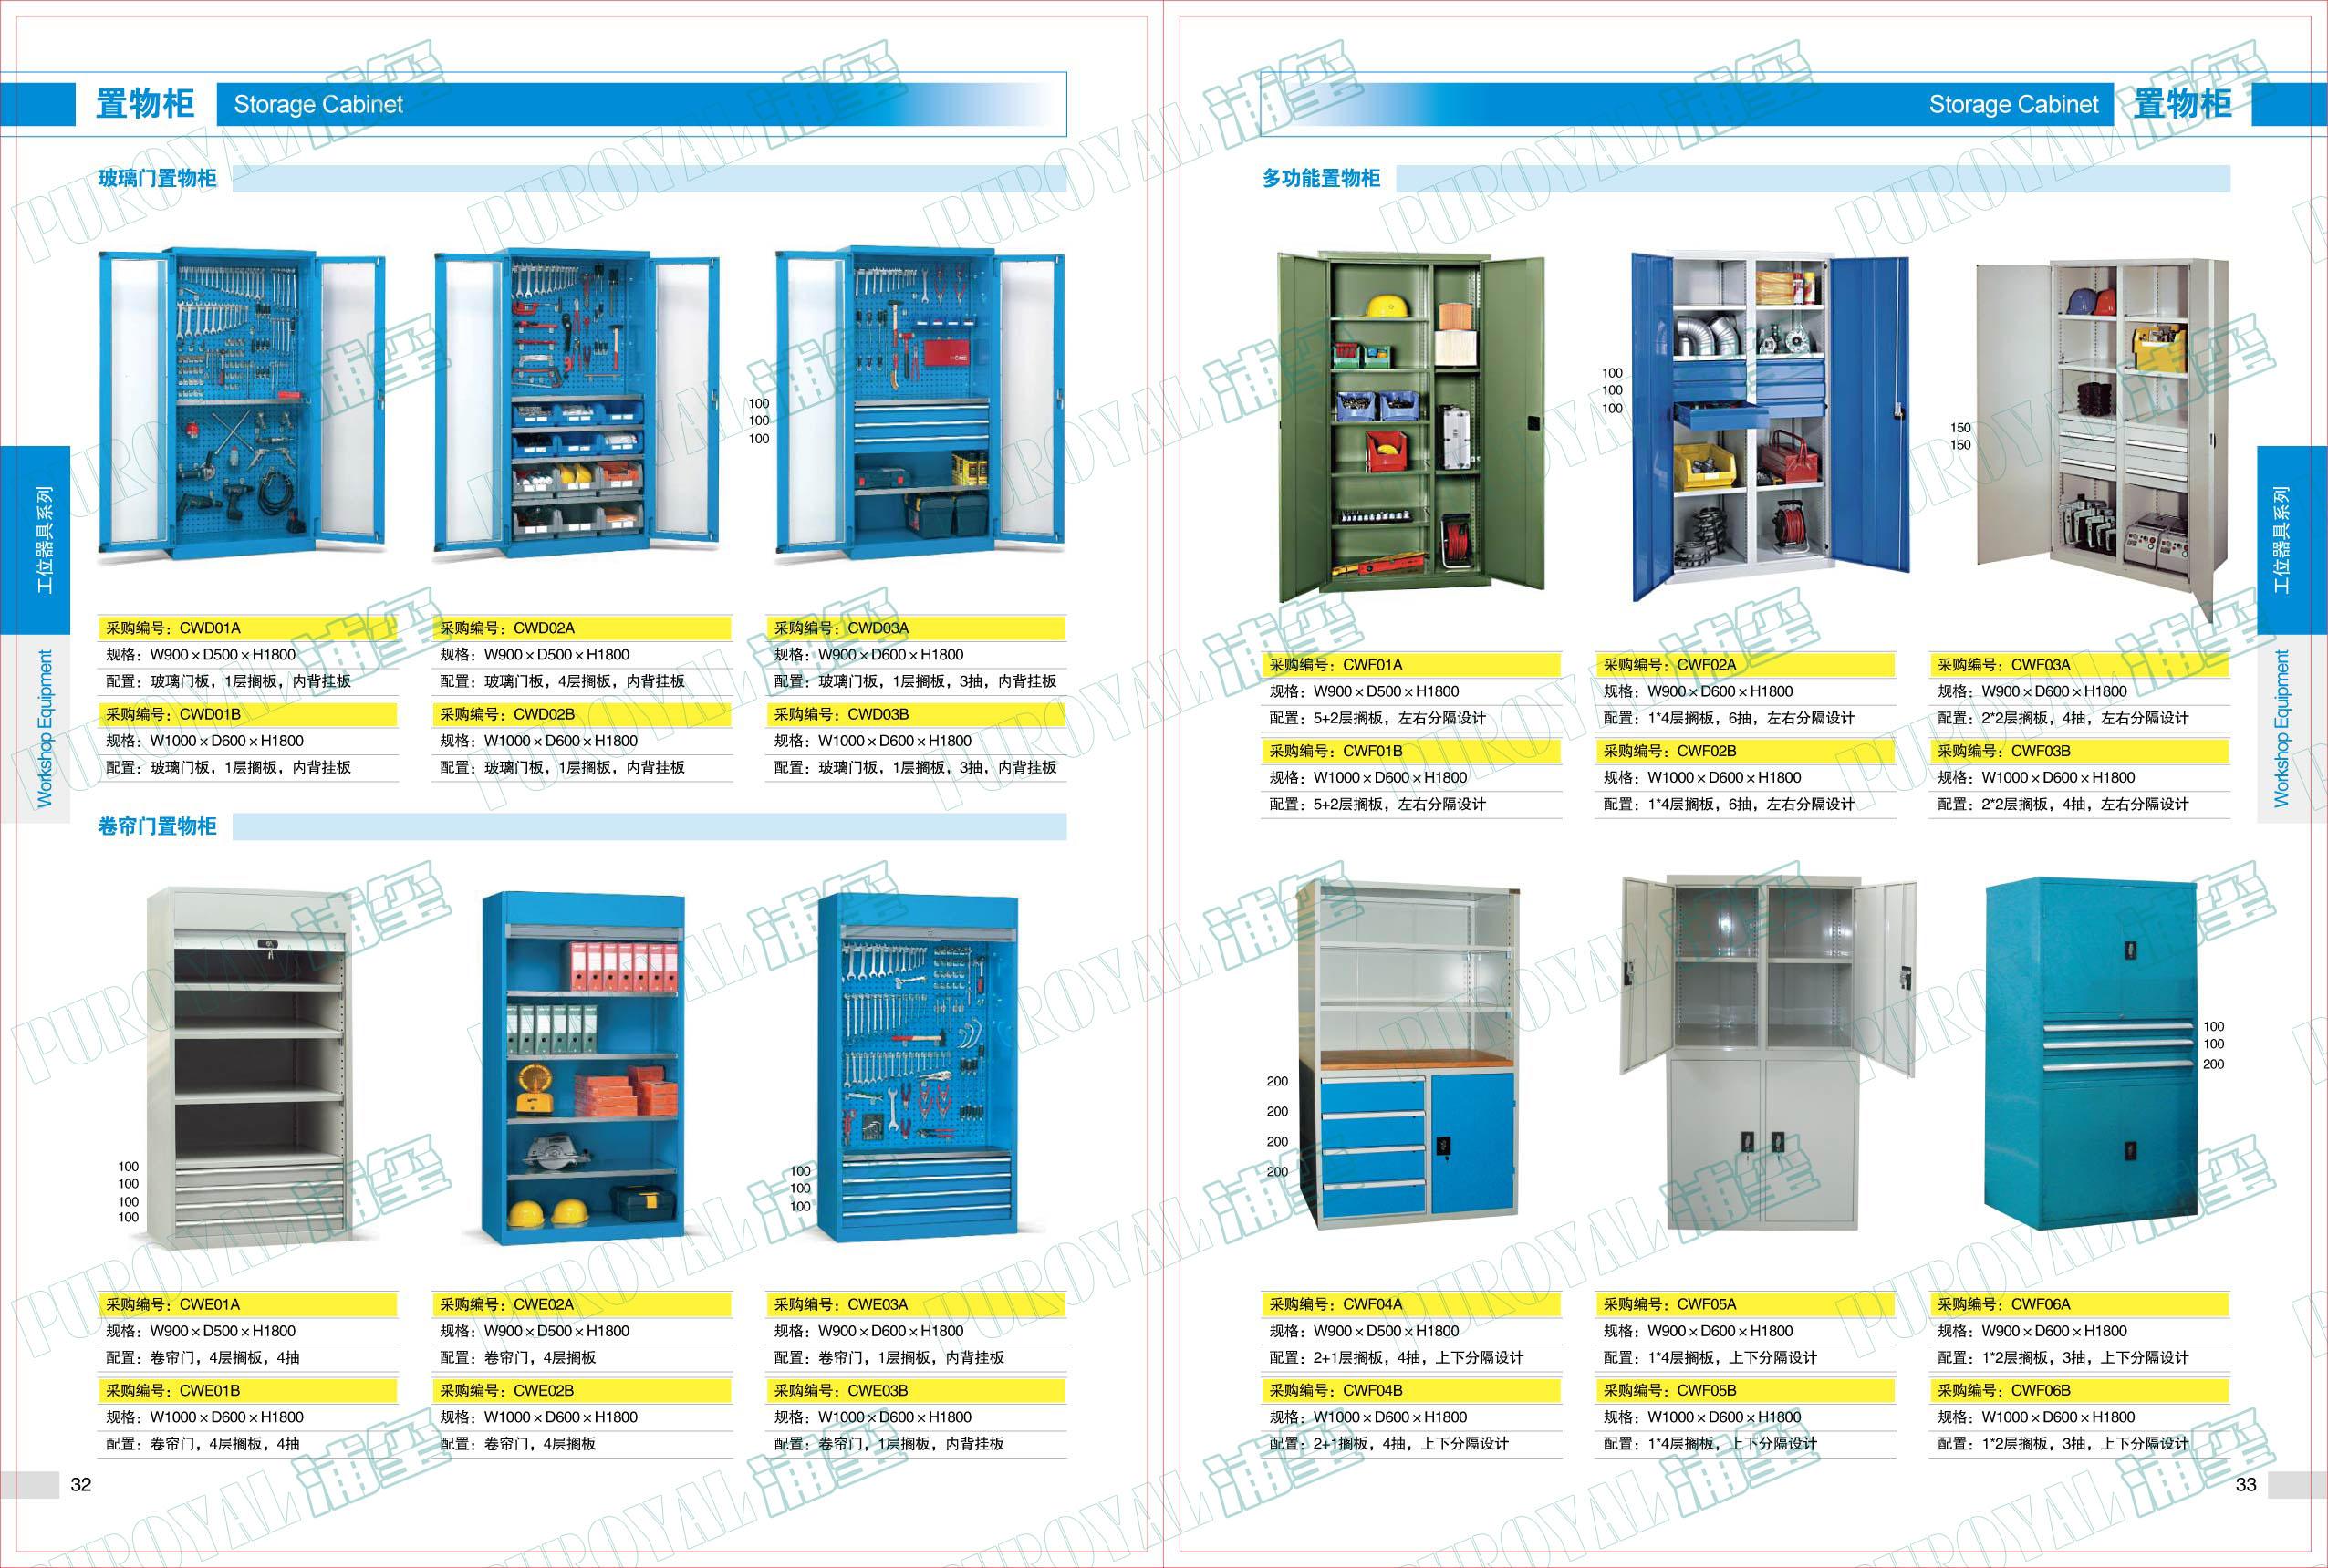 玻璃门置物柜,卷帘门置物柜,贝博app手机版旧板工具柜,贝博app手机版旧板置物柜